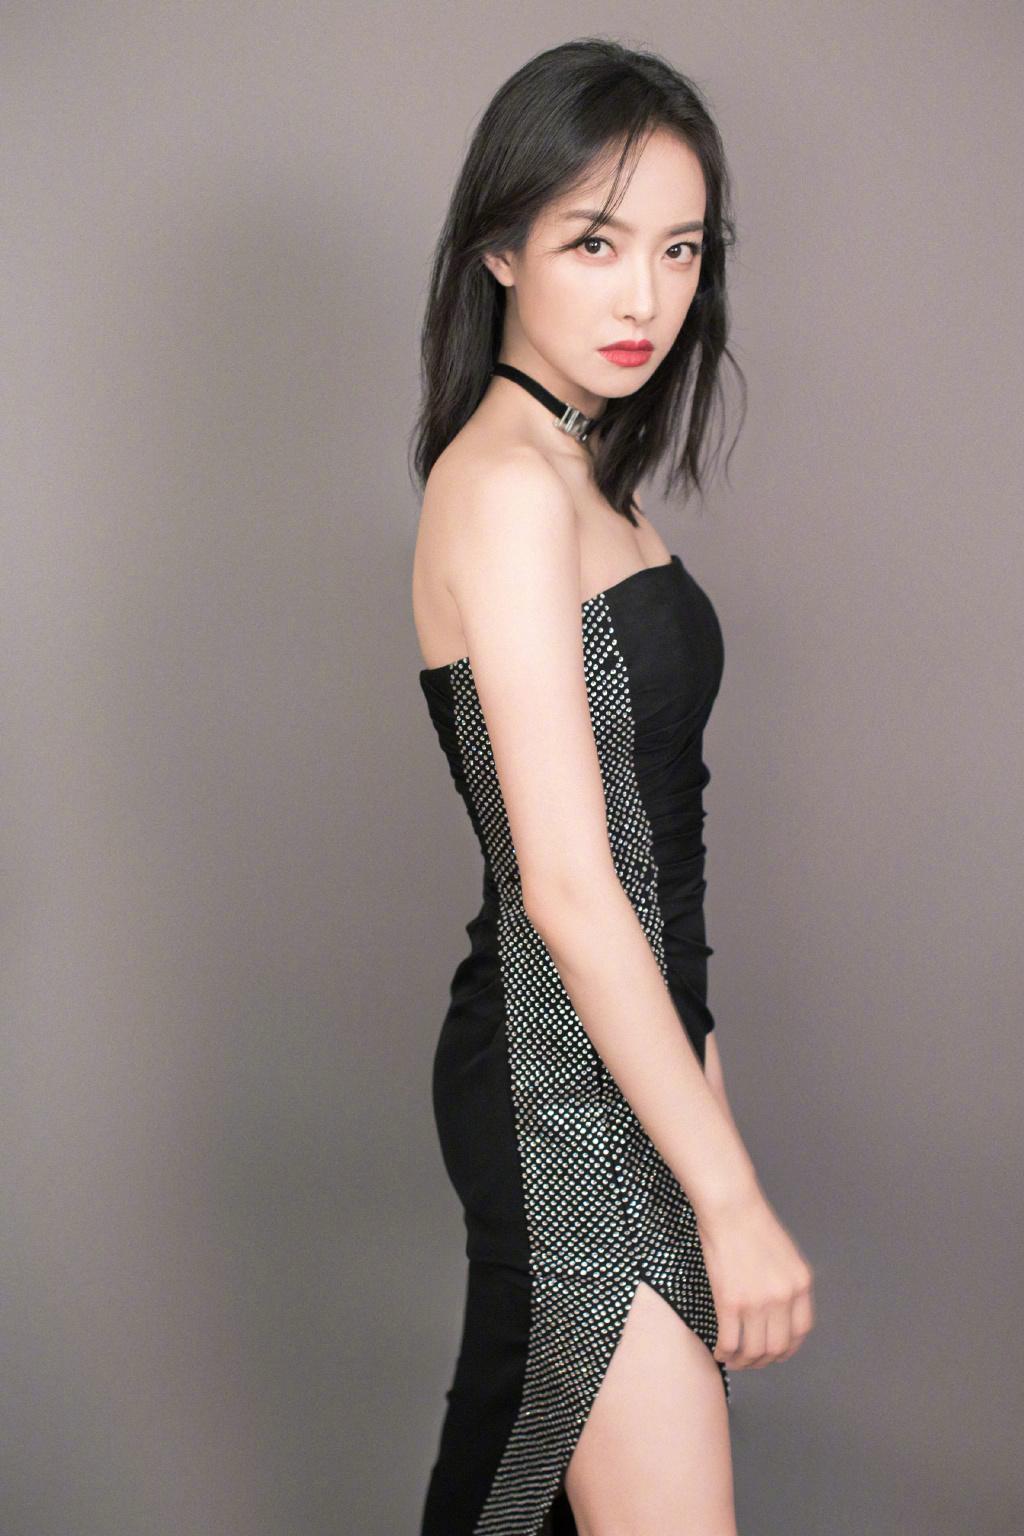 宋茜闪钻开叉礼服裙 突显卓越身姿和高雅气质